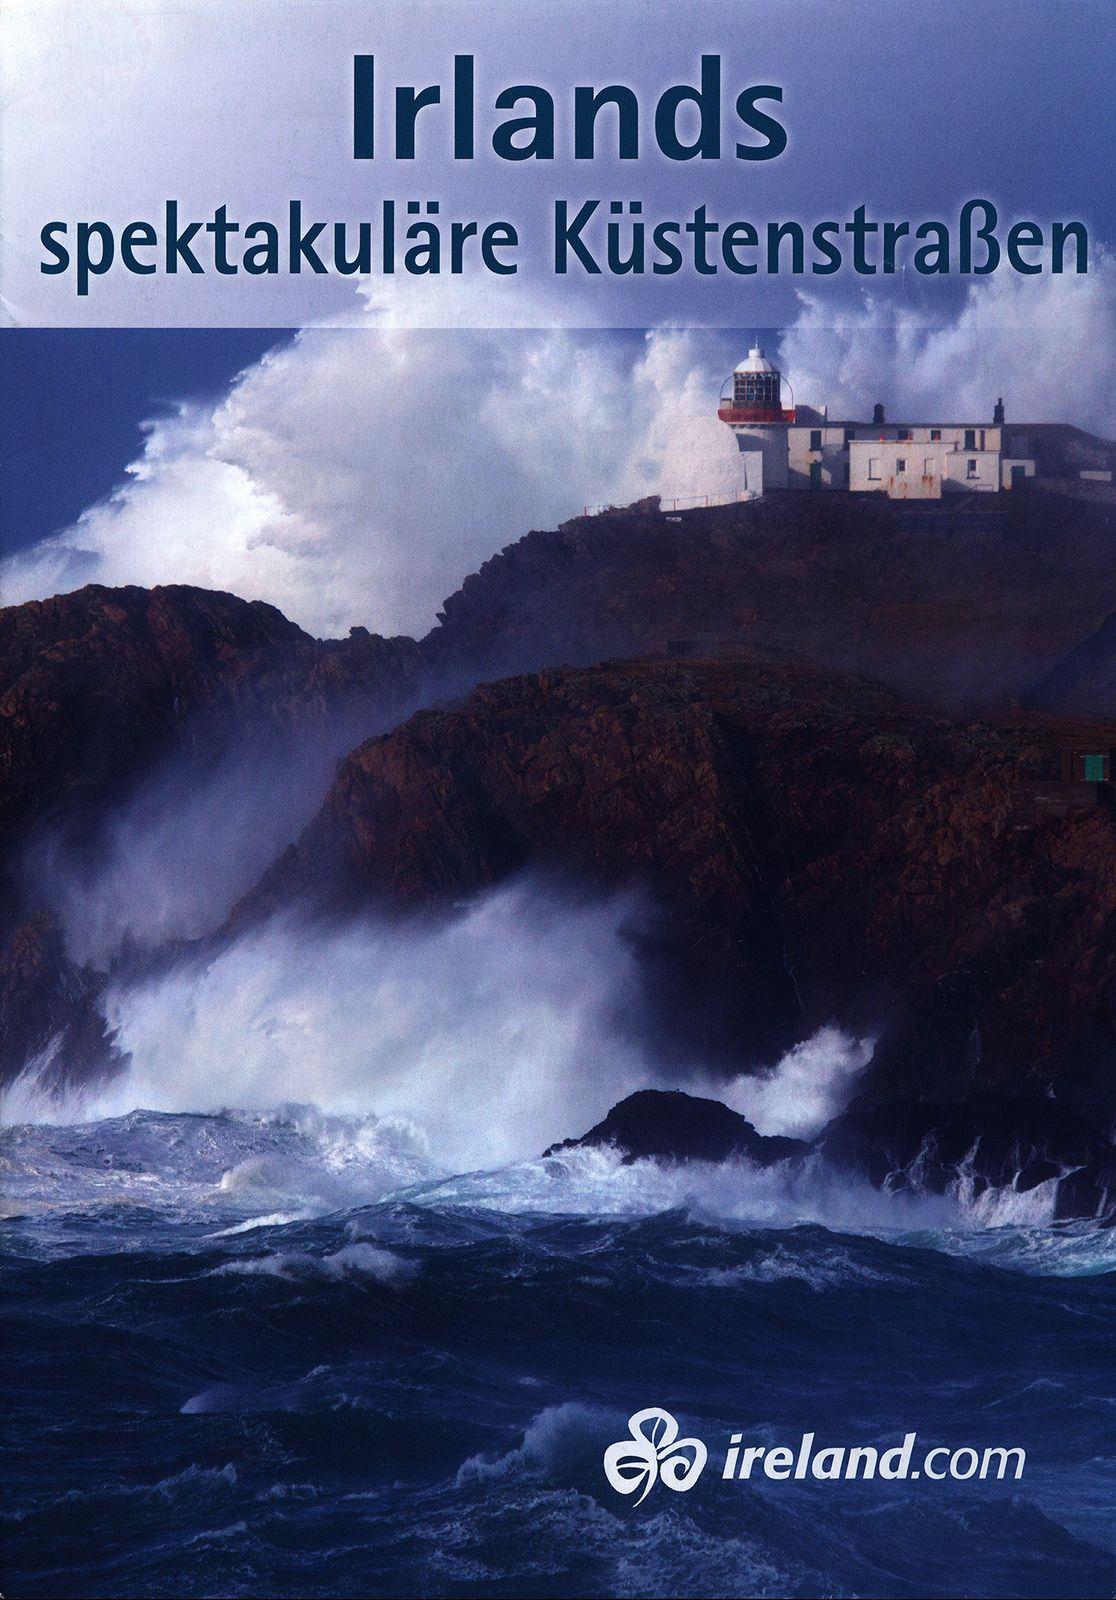 https://flic.kr/p/FXSQd5   Irlands spektakuläre Küstenstraßen; 2014, Ireland   tourism travel brochure   by worldtravellib World Travel library